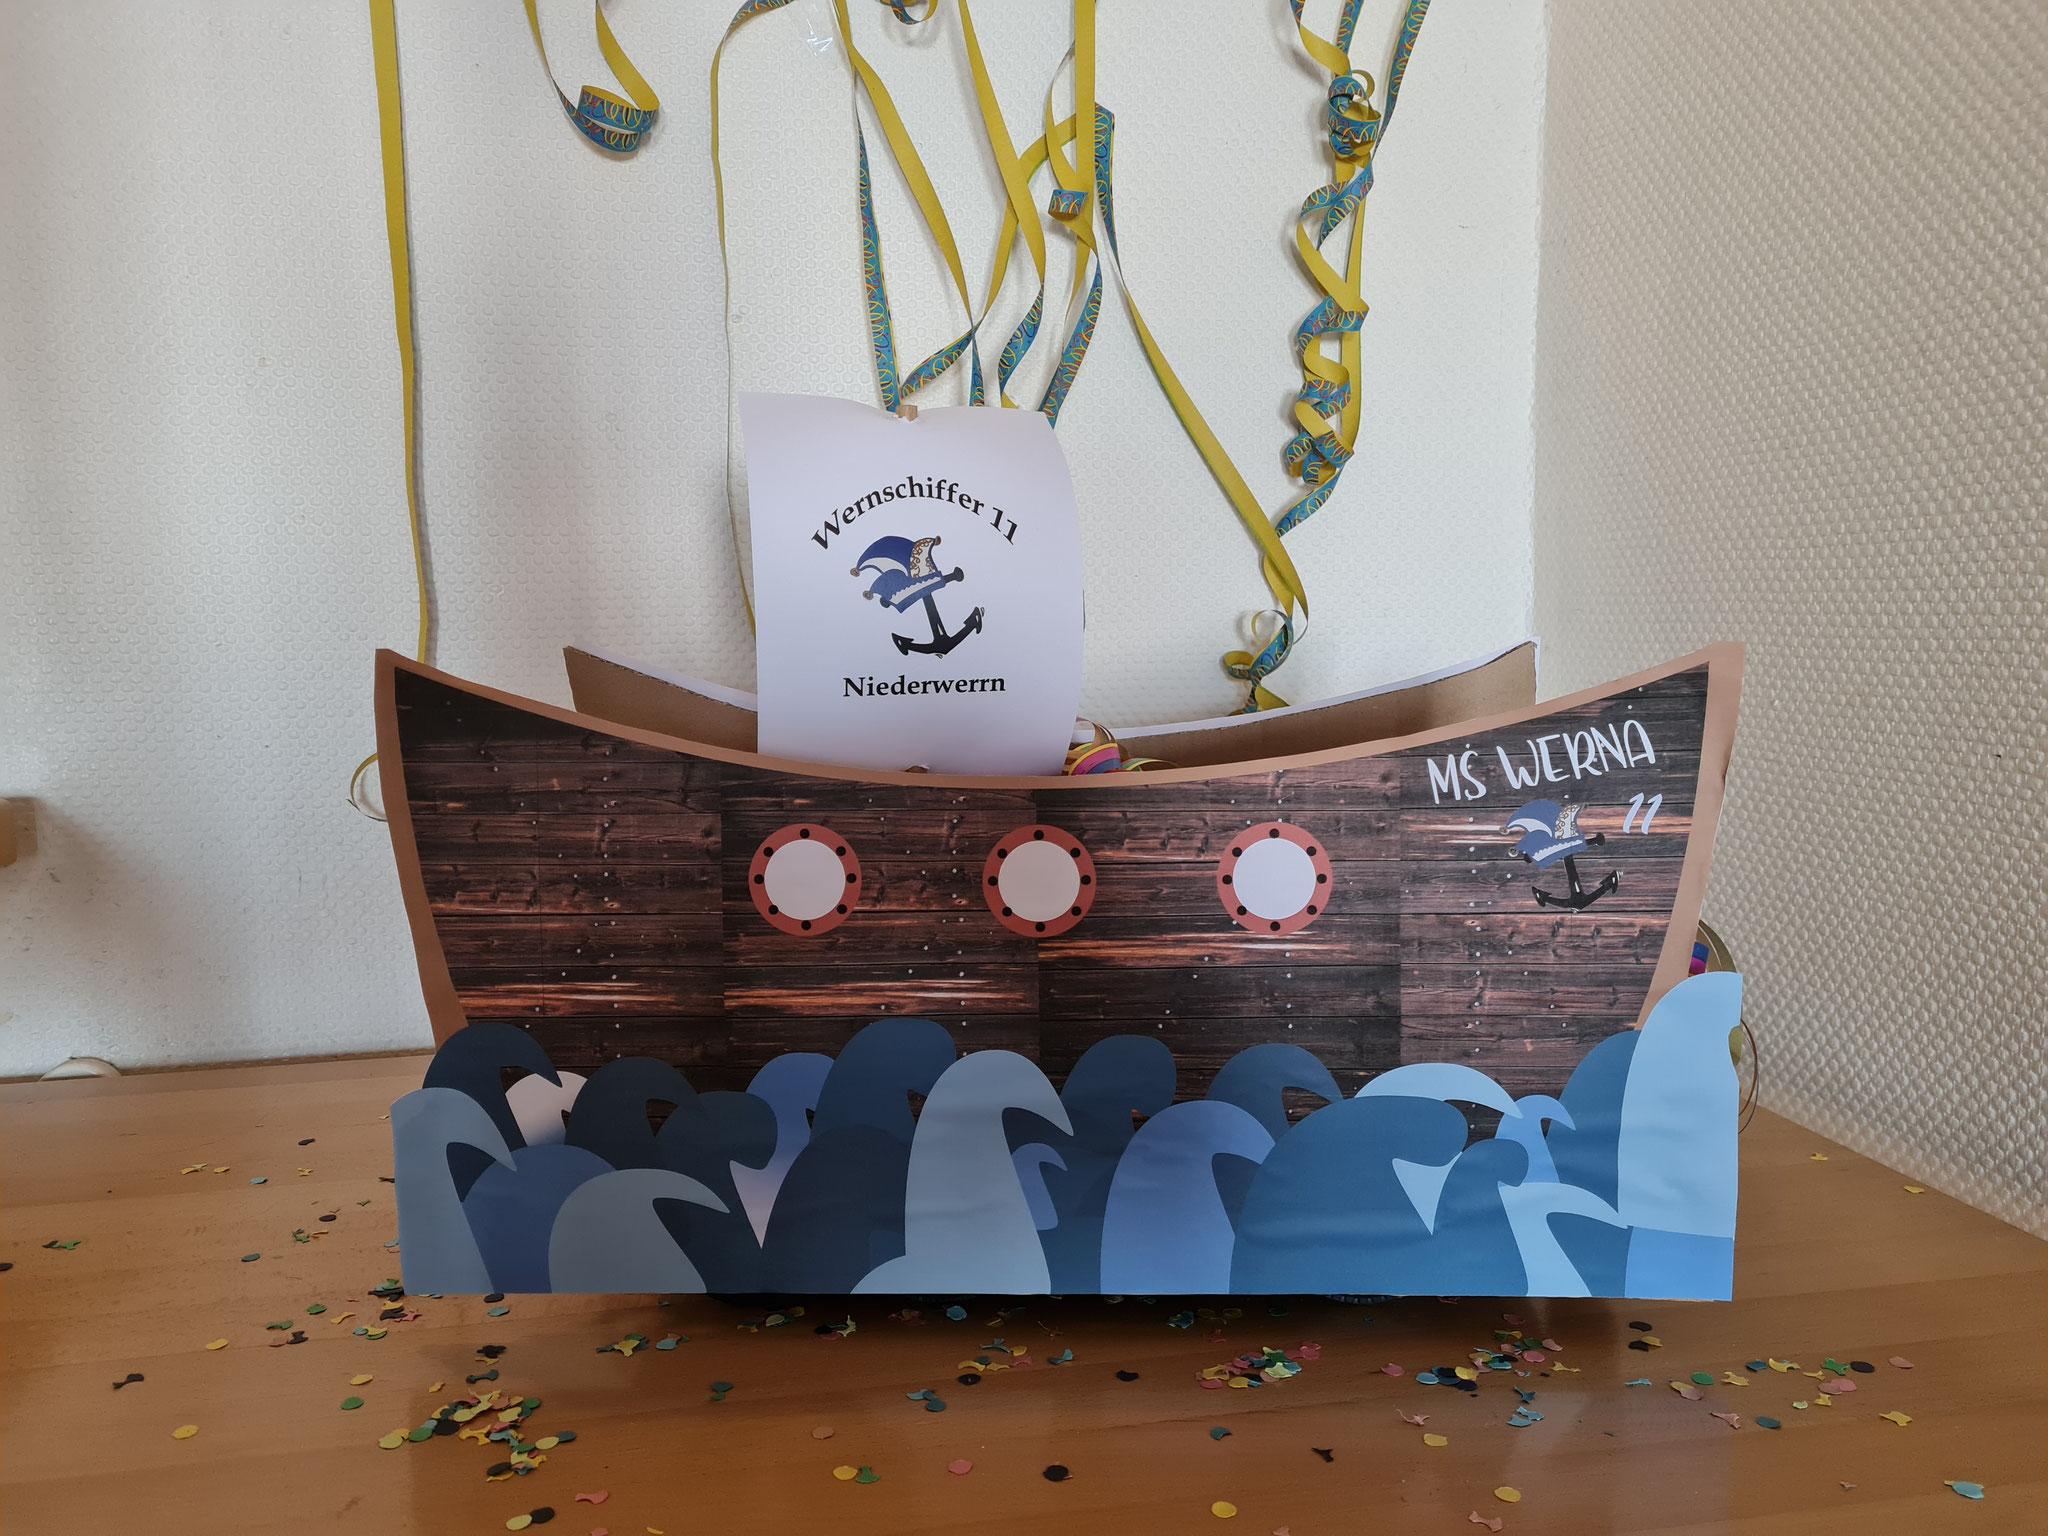 MS WERNA - unser Narrenschiff - Werrnschiffer 11 Niederwerrn